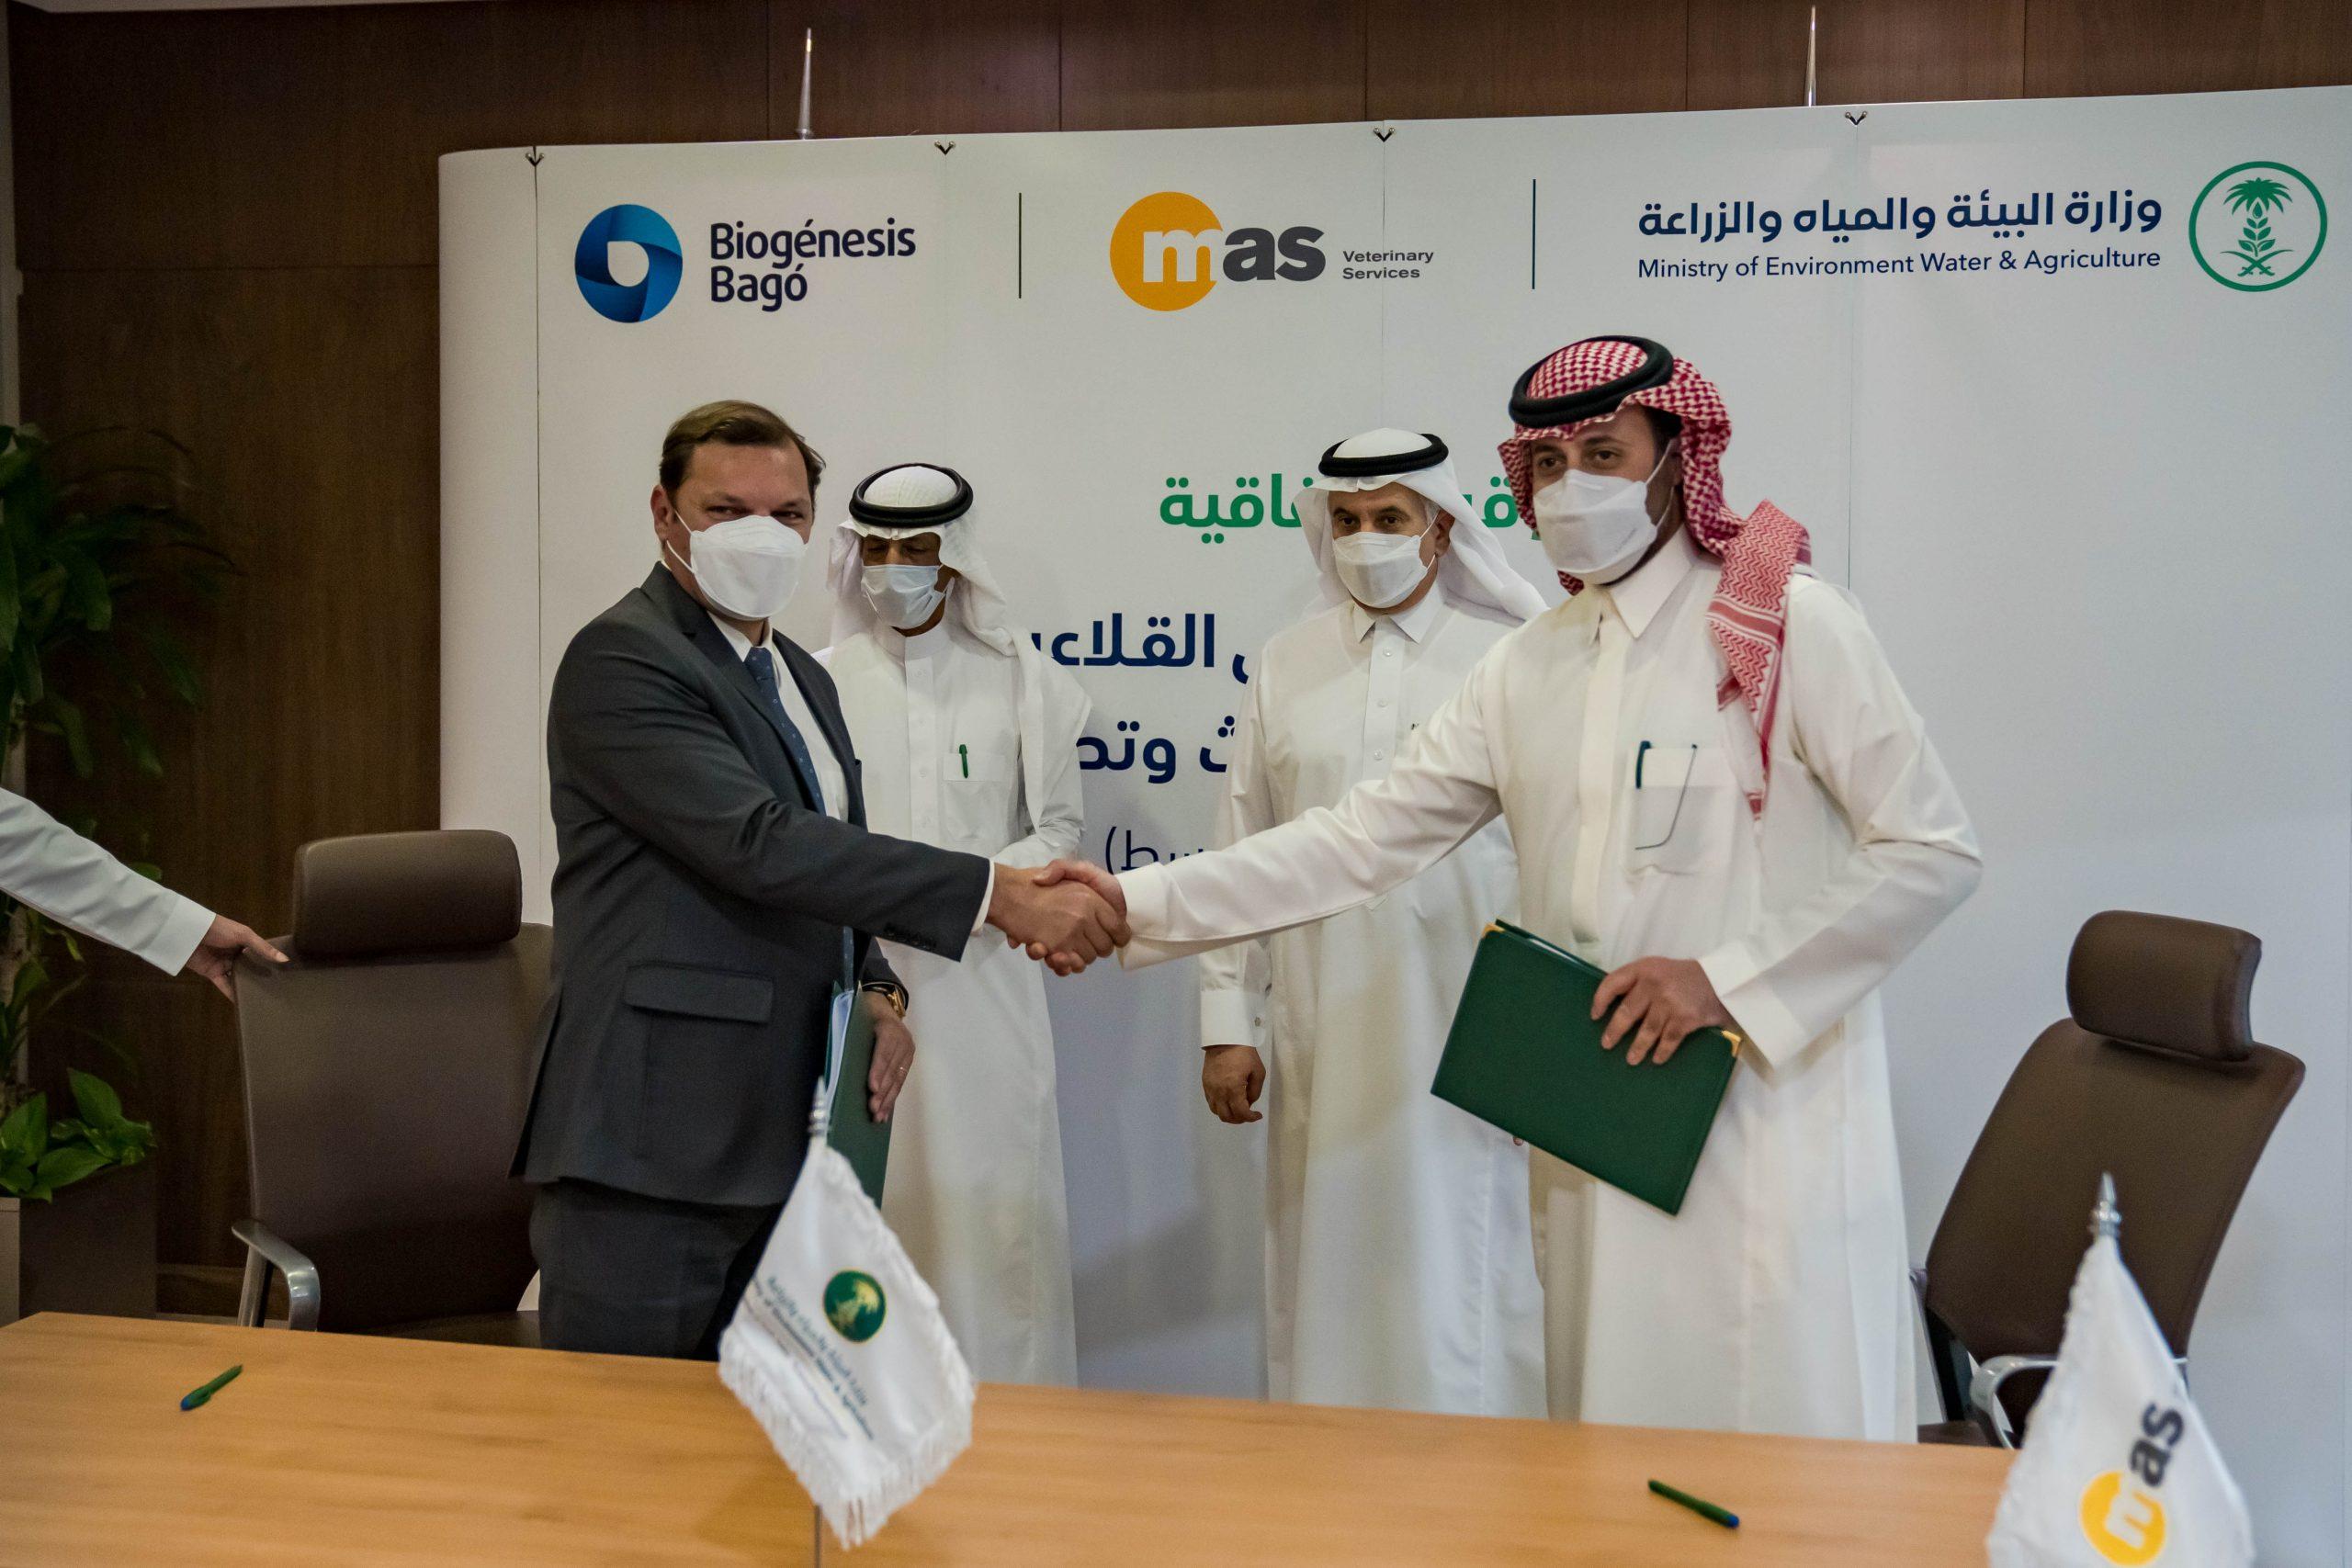 Biogénesis Bagó construirá una planta de vacuna antiaftosa en Arabia Saudita